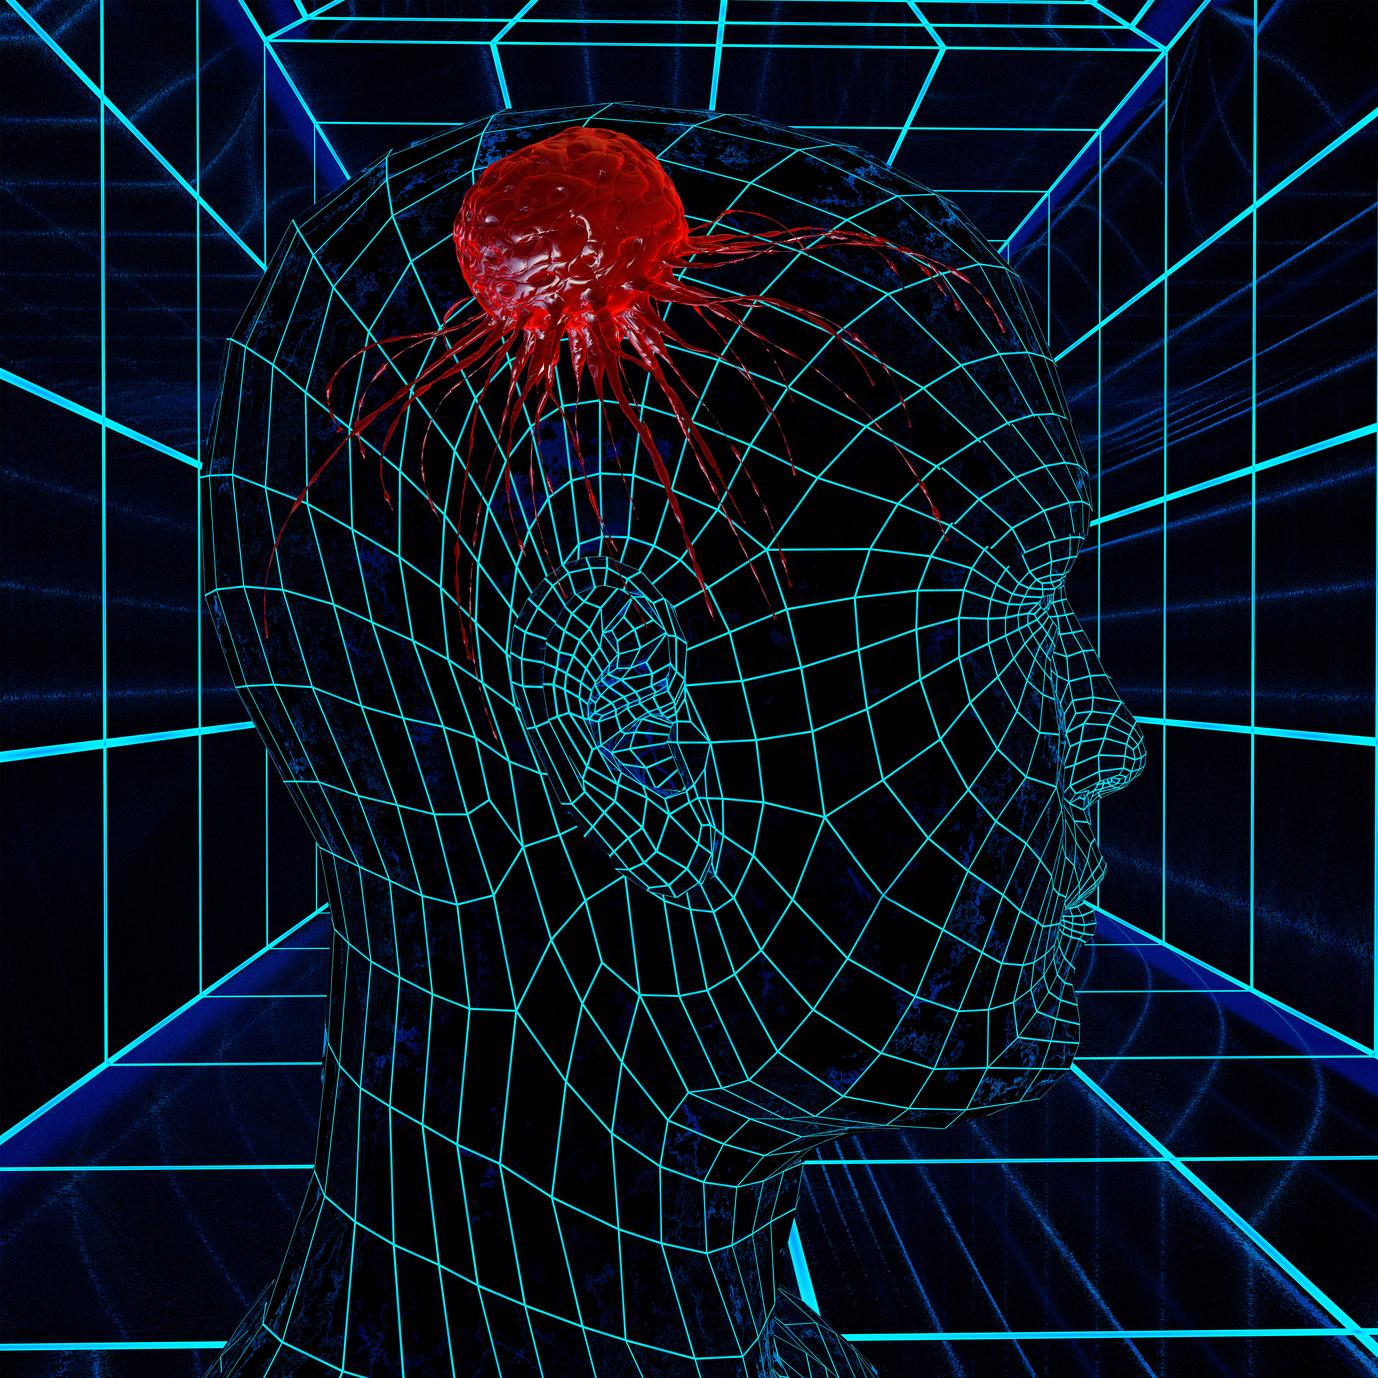 معلومات عن الورم الدماغى الخبيث